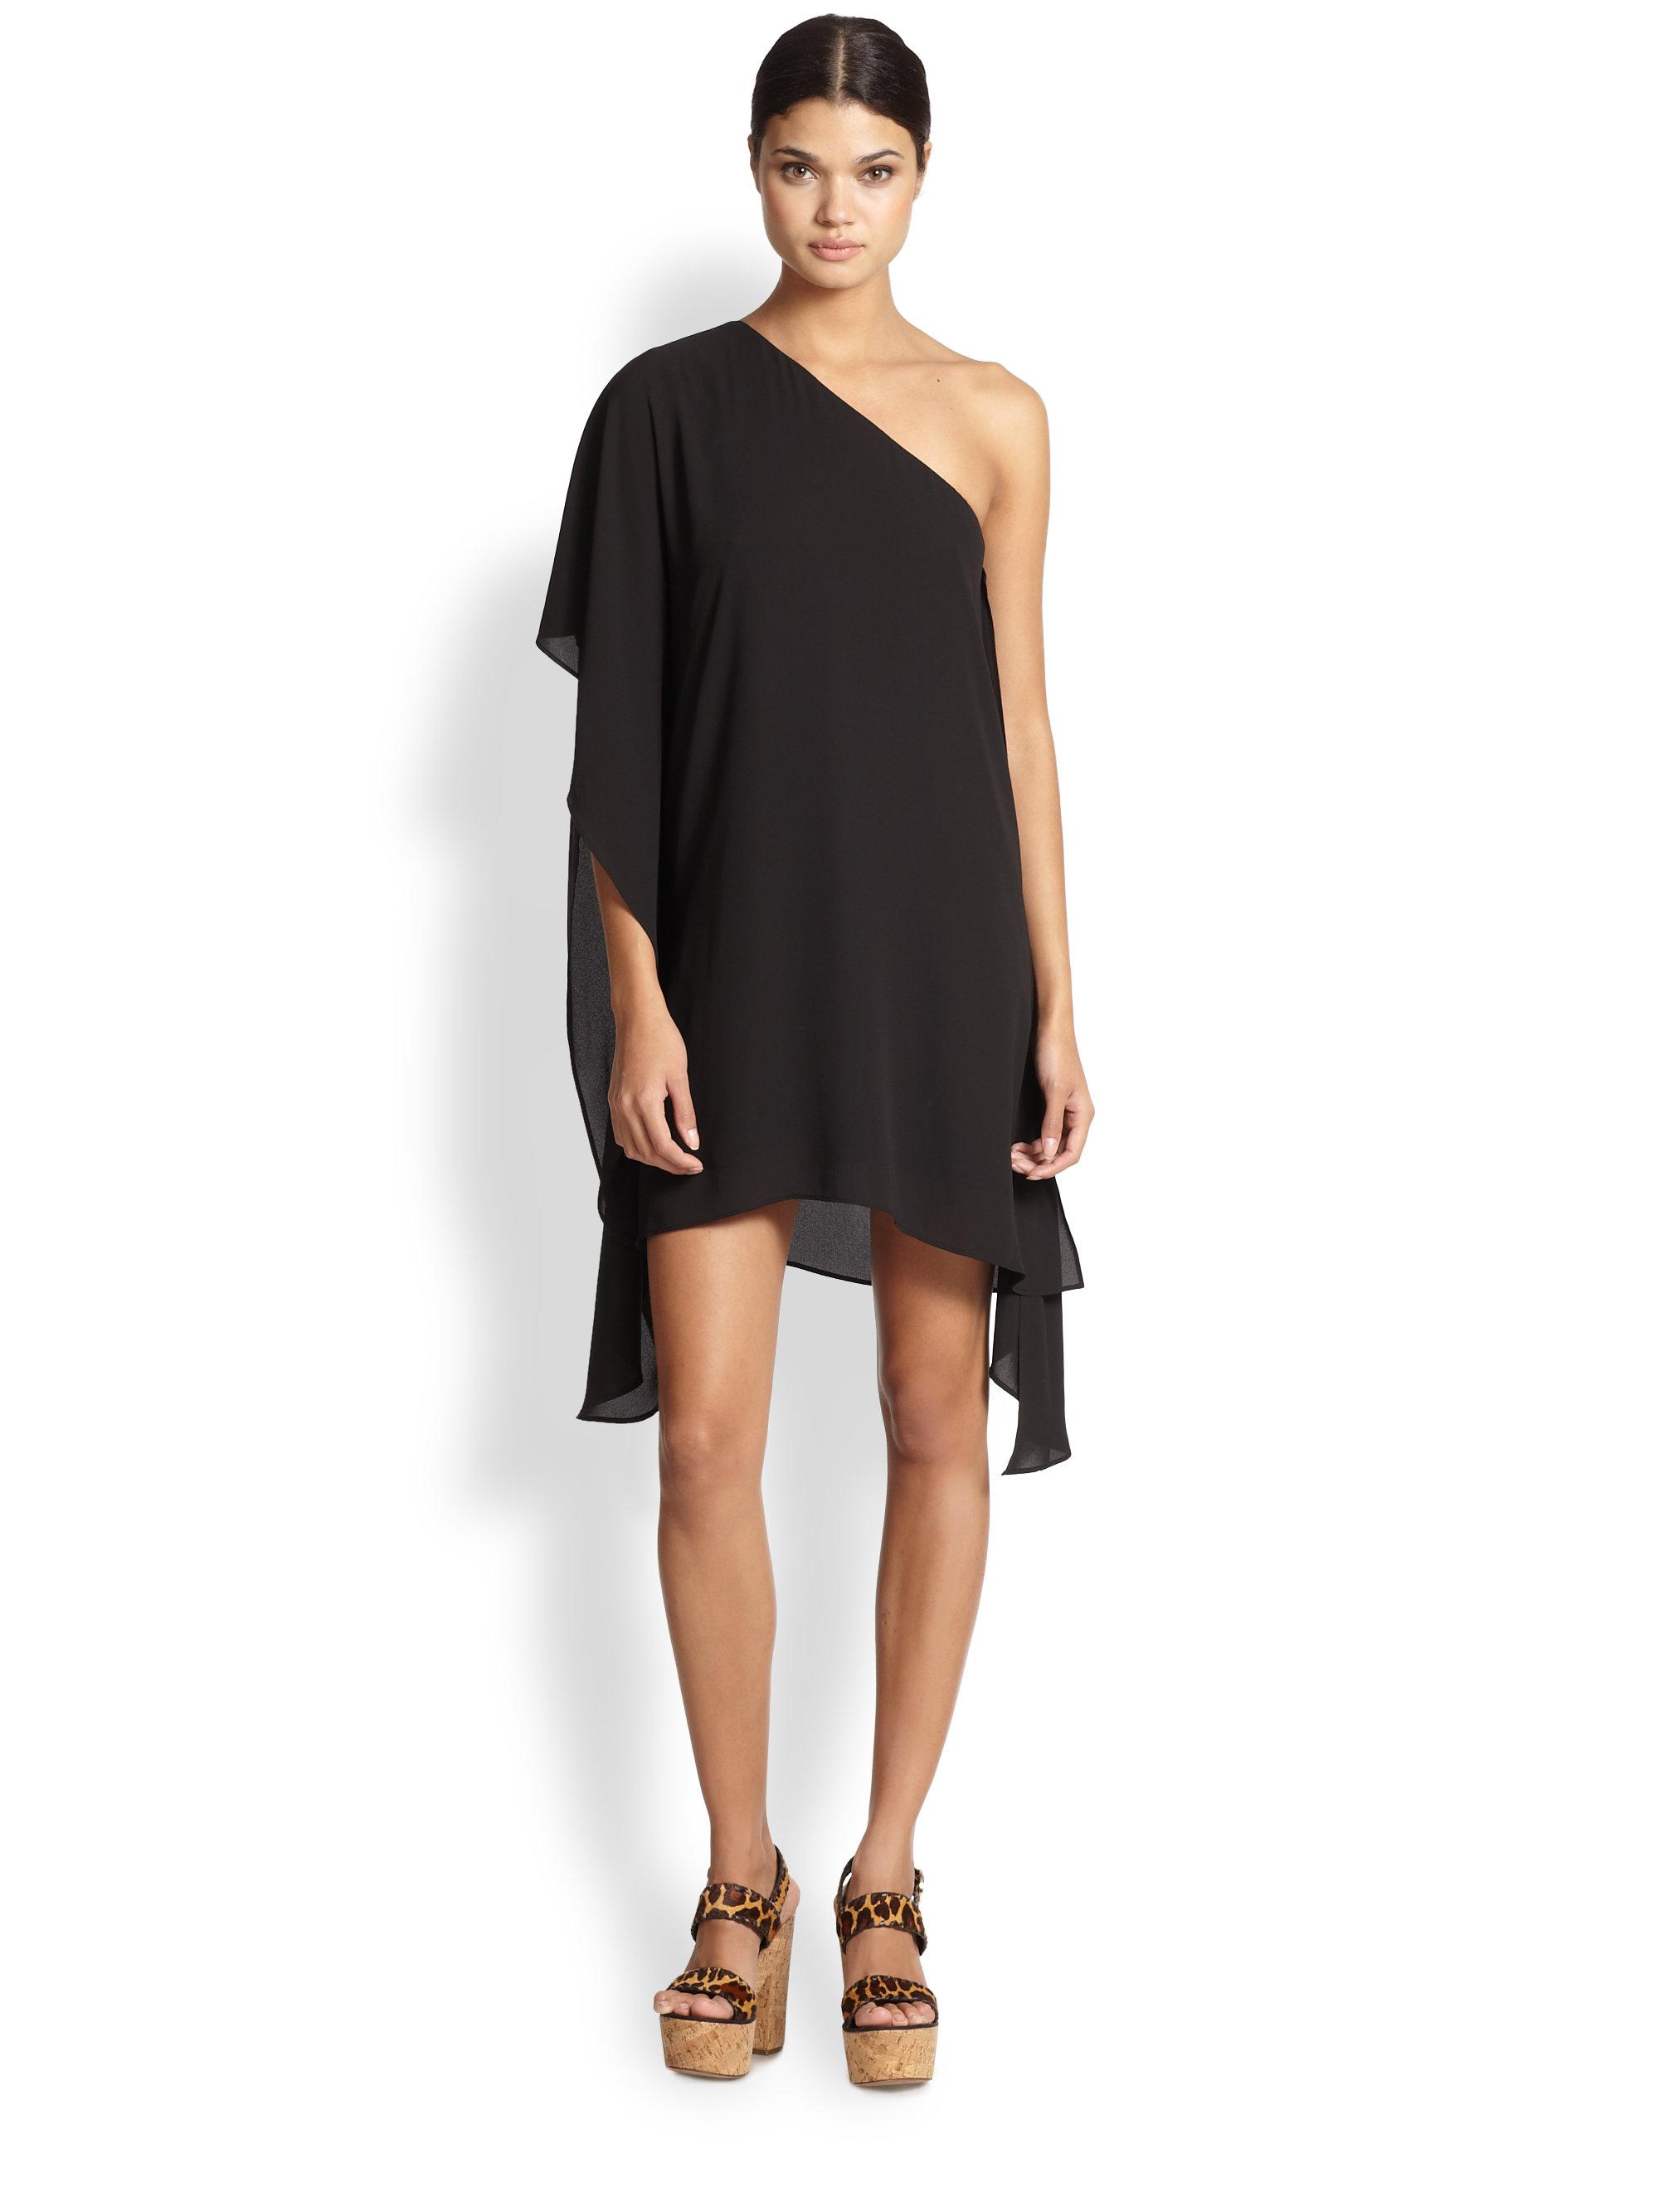 Bcbgeneration black one shoulder dress